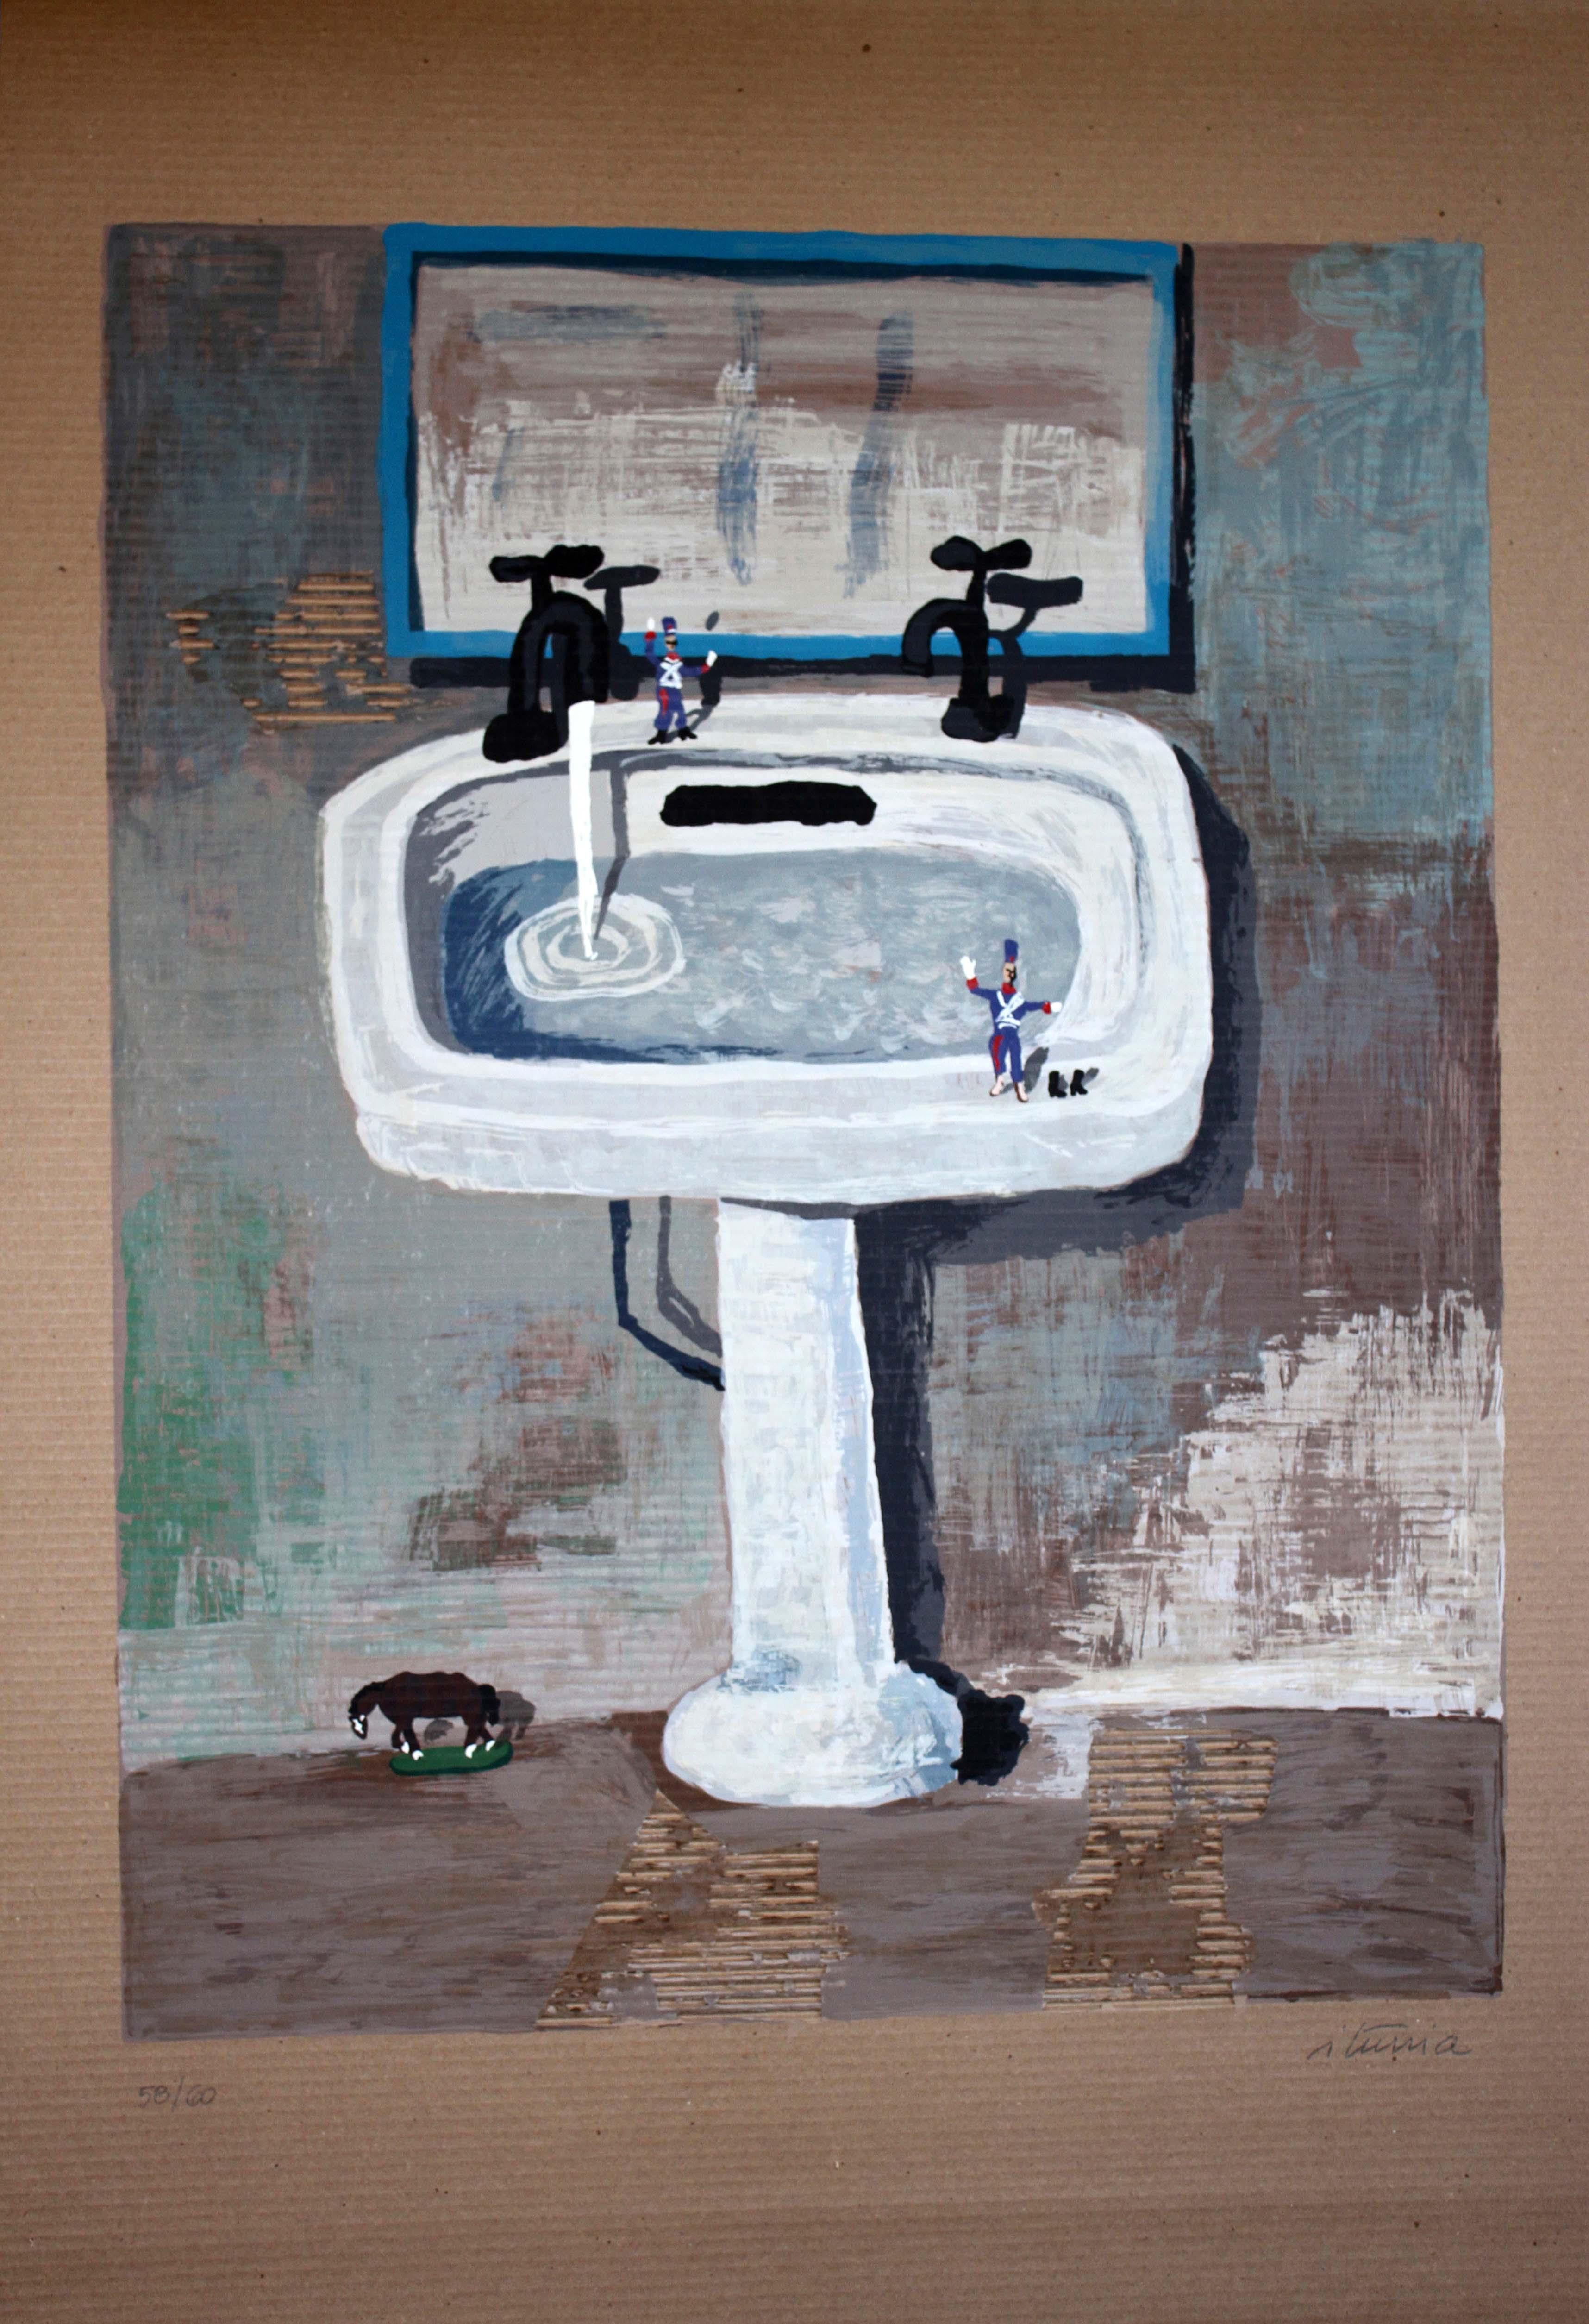 El baño de los blandengues